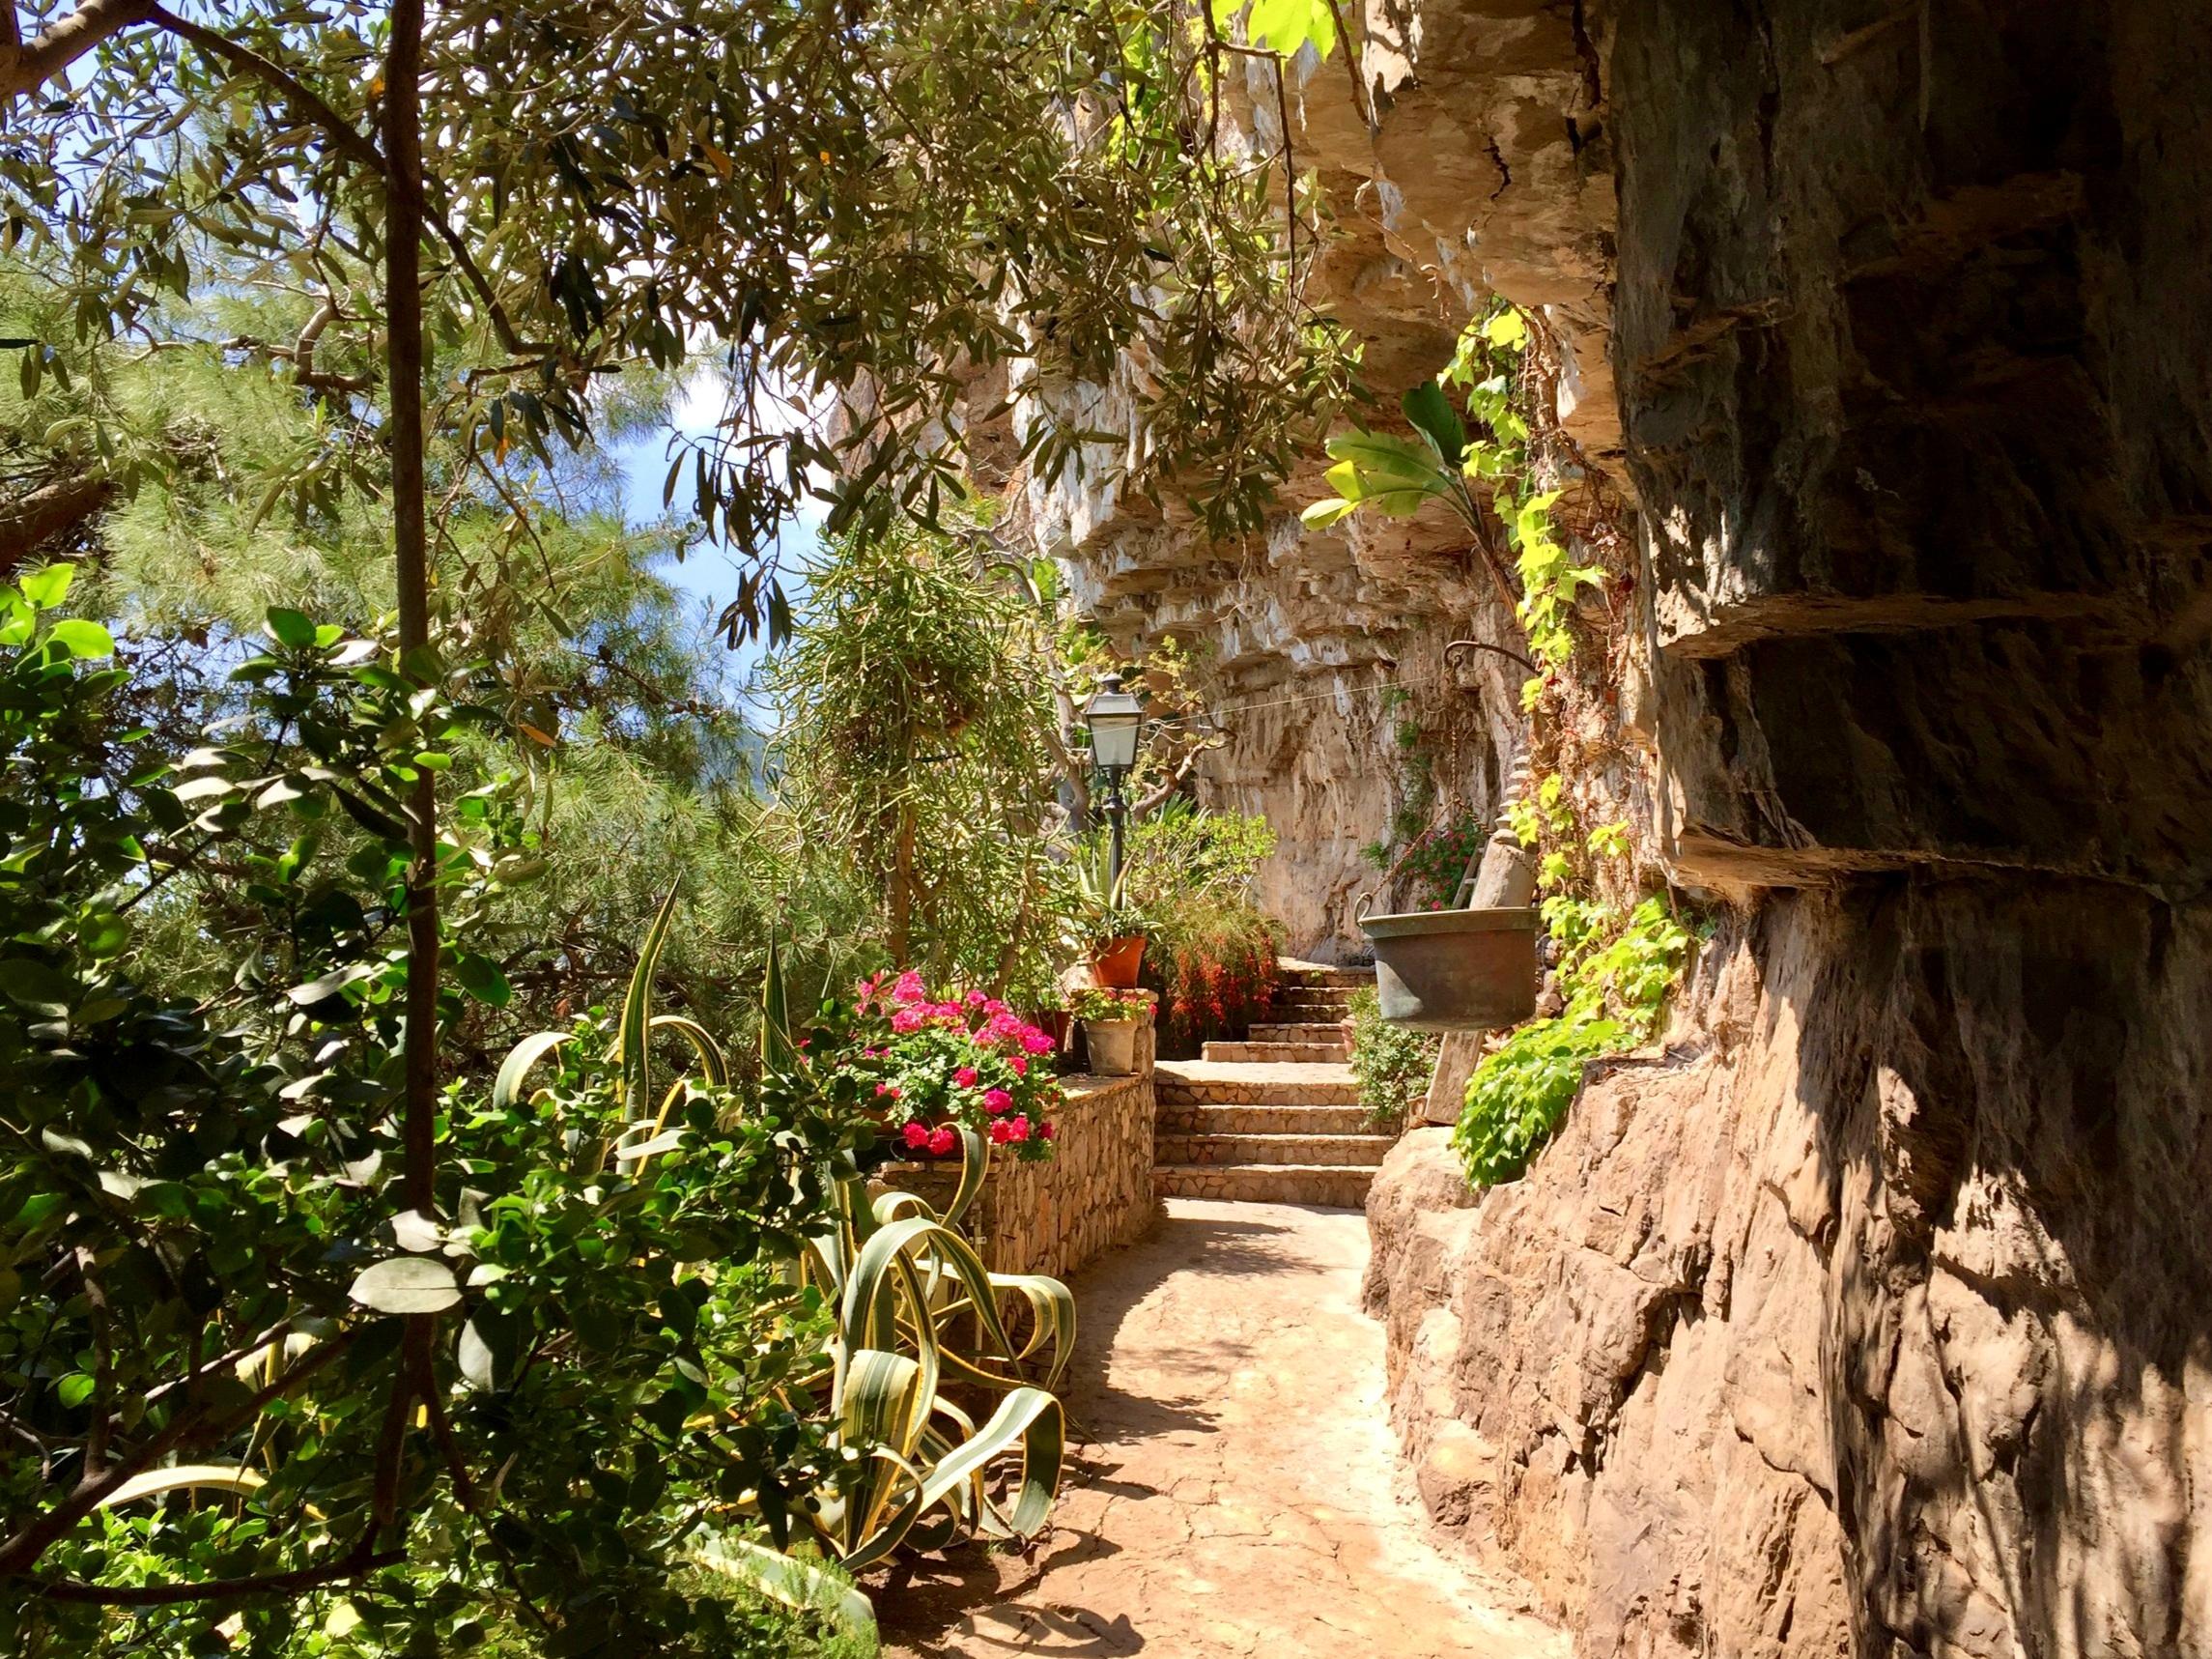 Private Villa gardens - Amalfi Coast